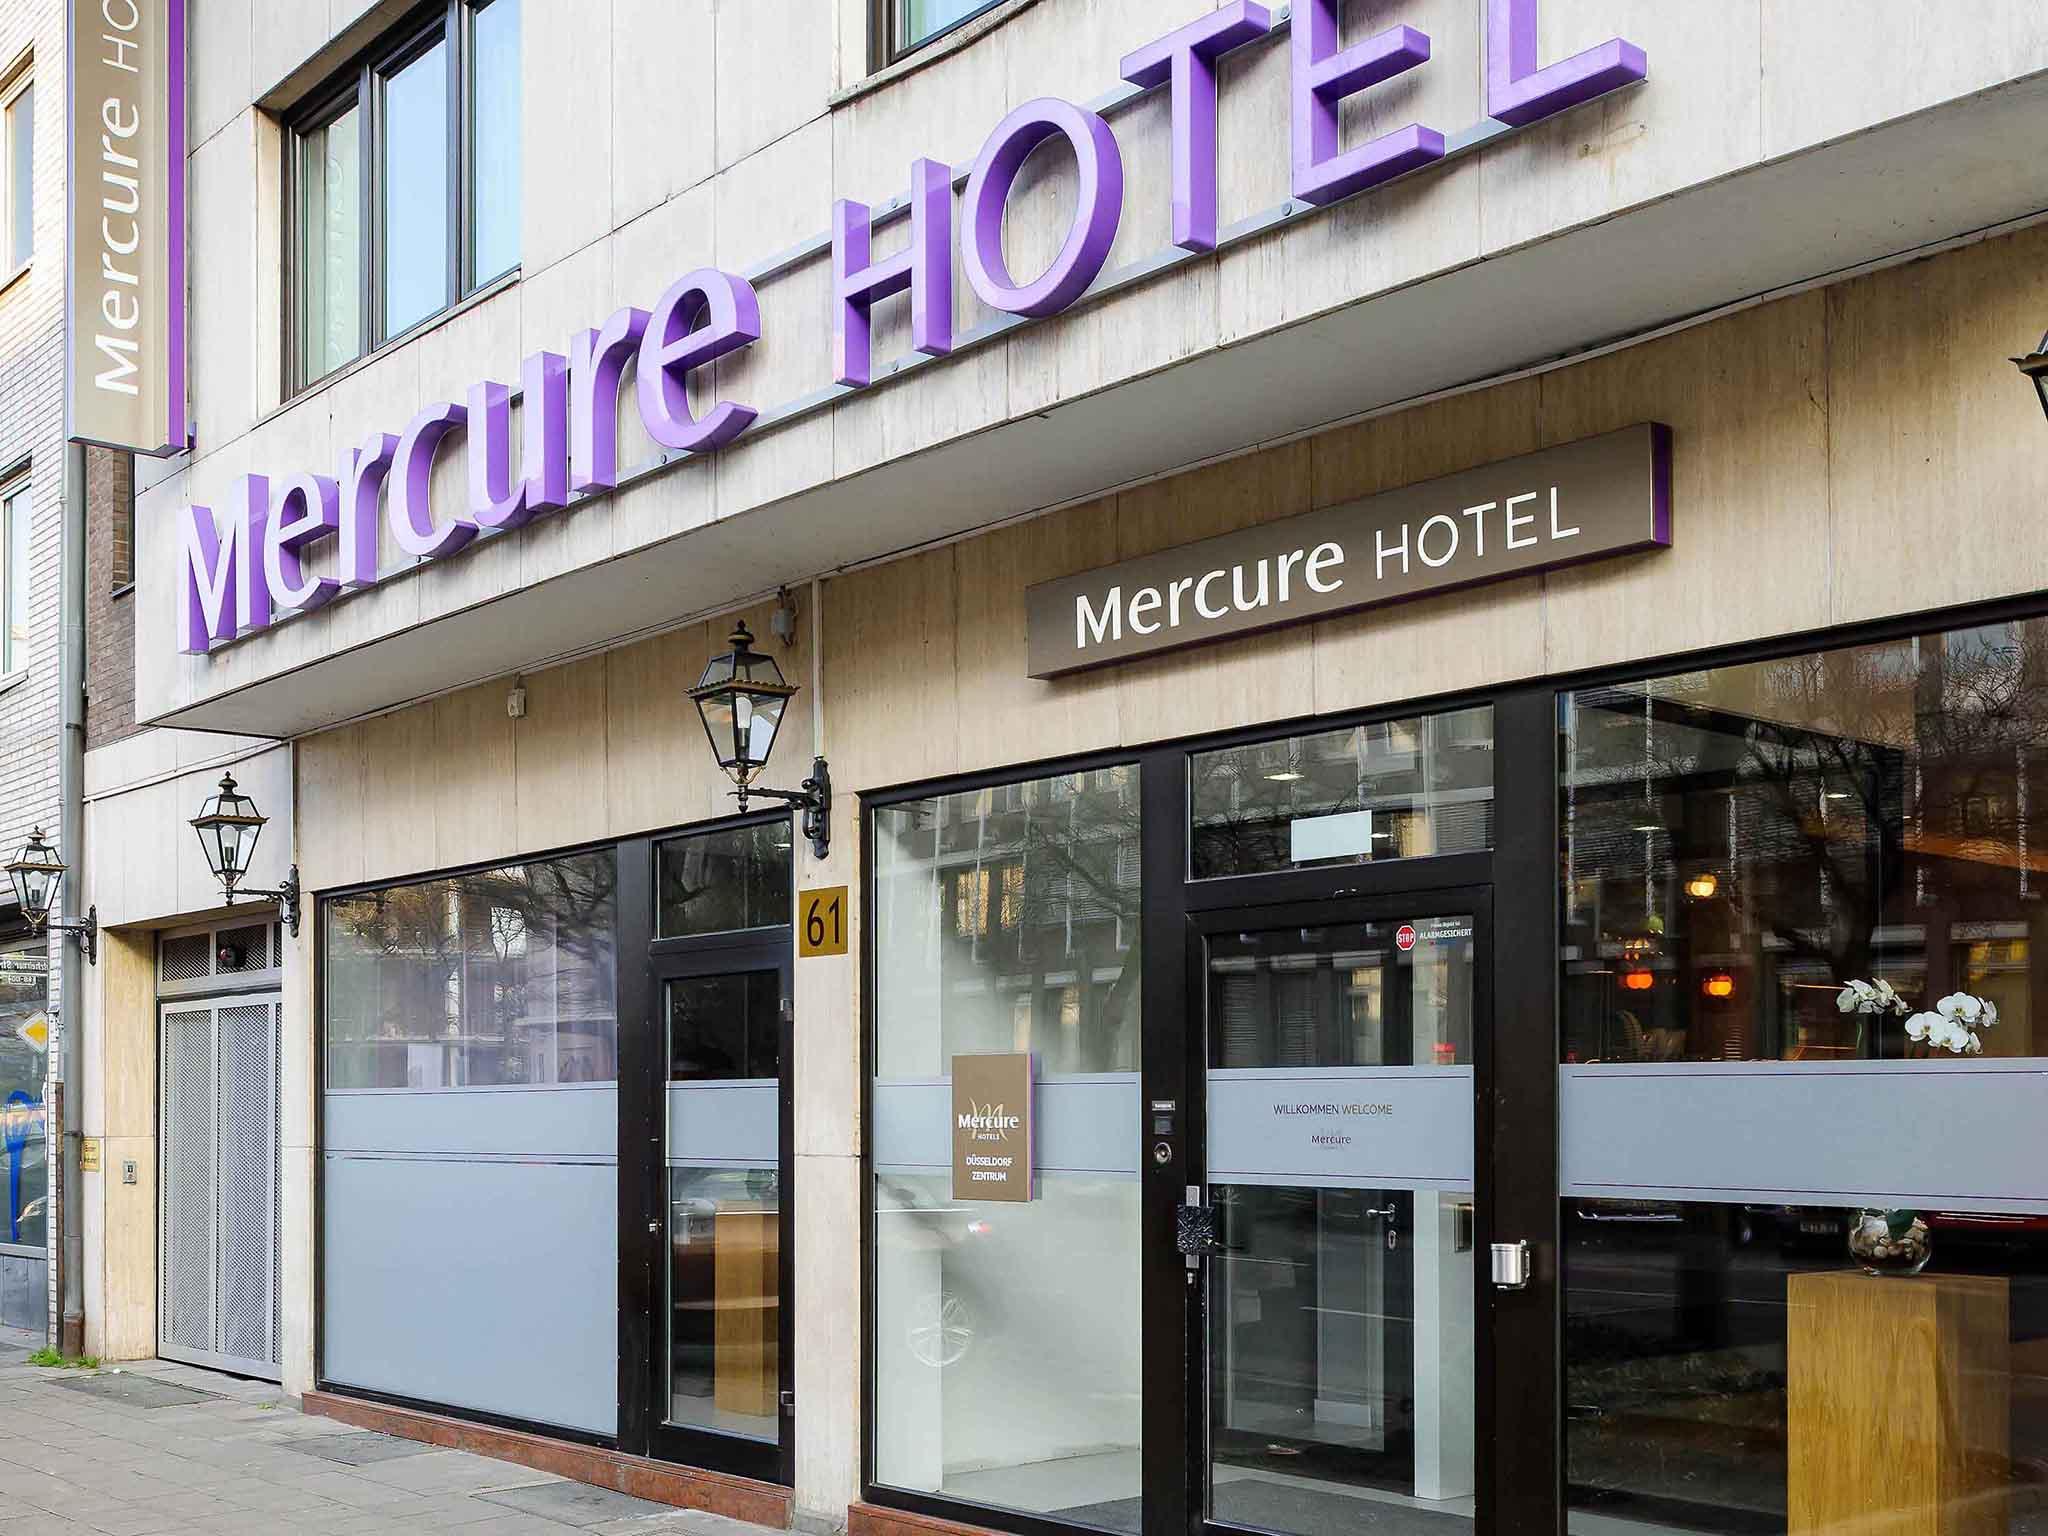 ホテル – メルキュール ホテル デュッセルドルフ ツェントゥルム